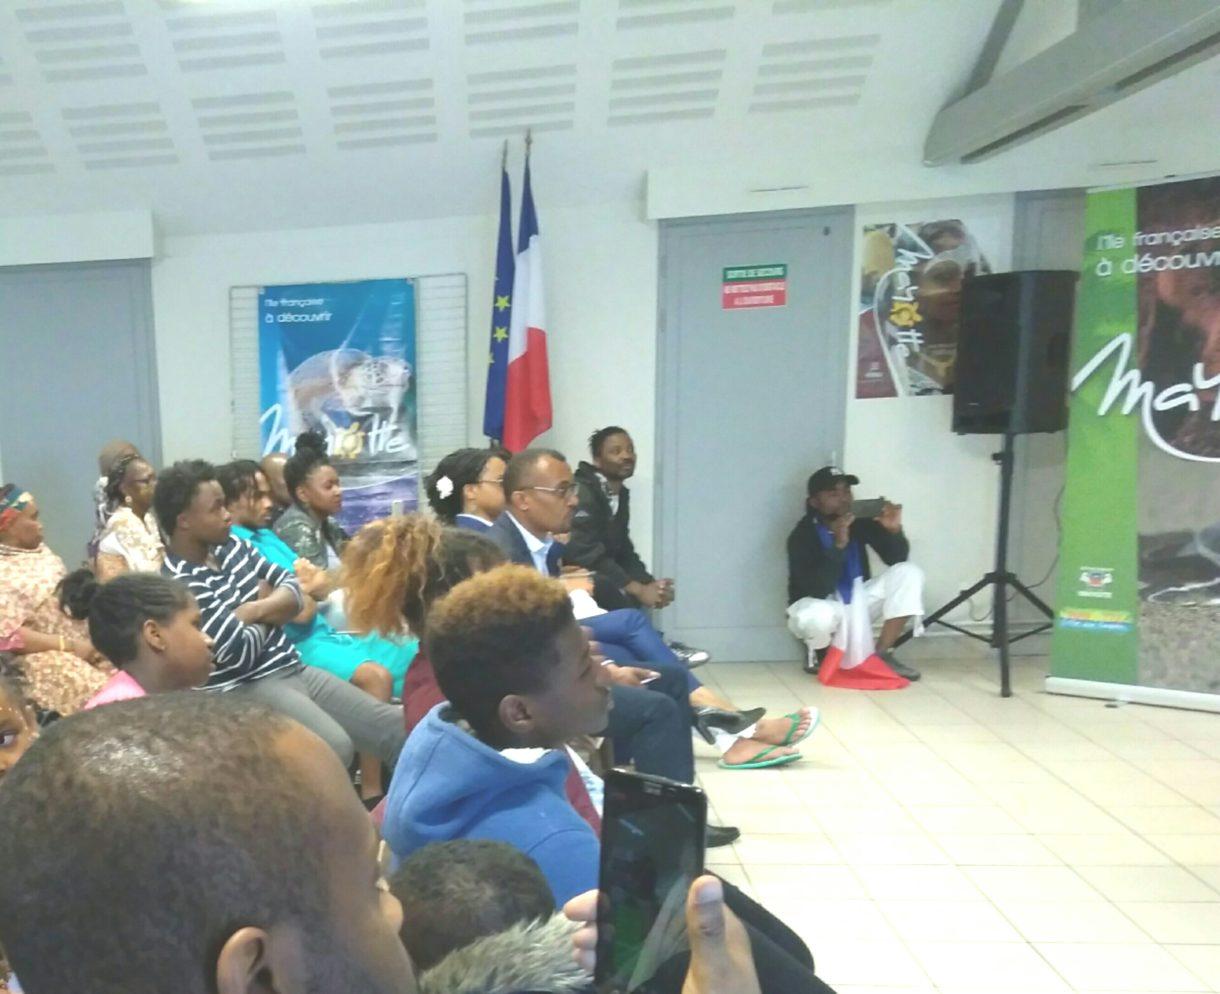 Mayotte et vous 2nd public